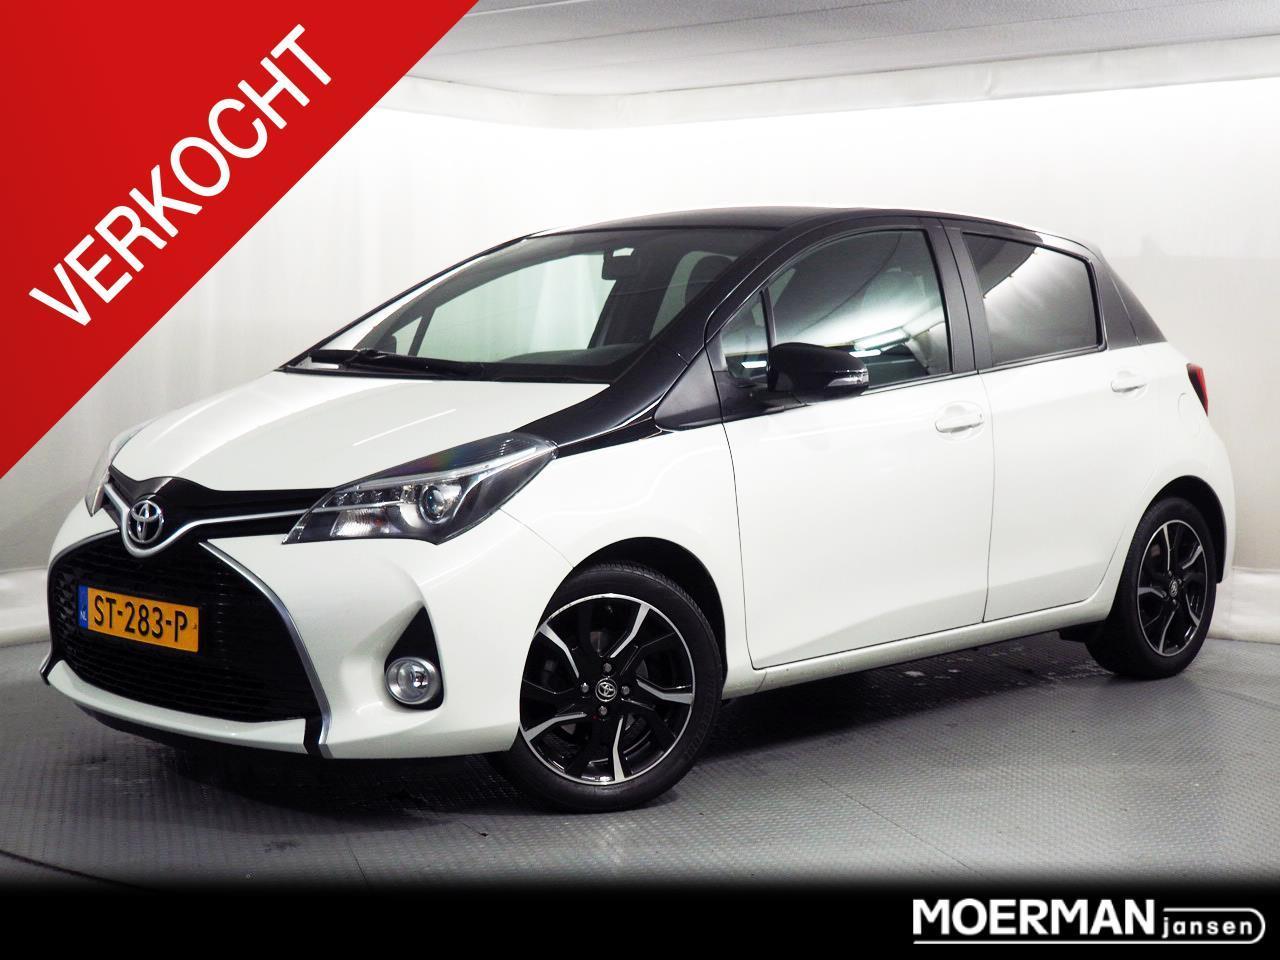 Toyota Yaris 1.0 vvt-i trend verkocht